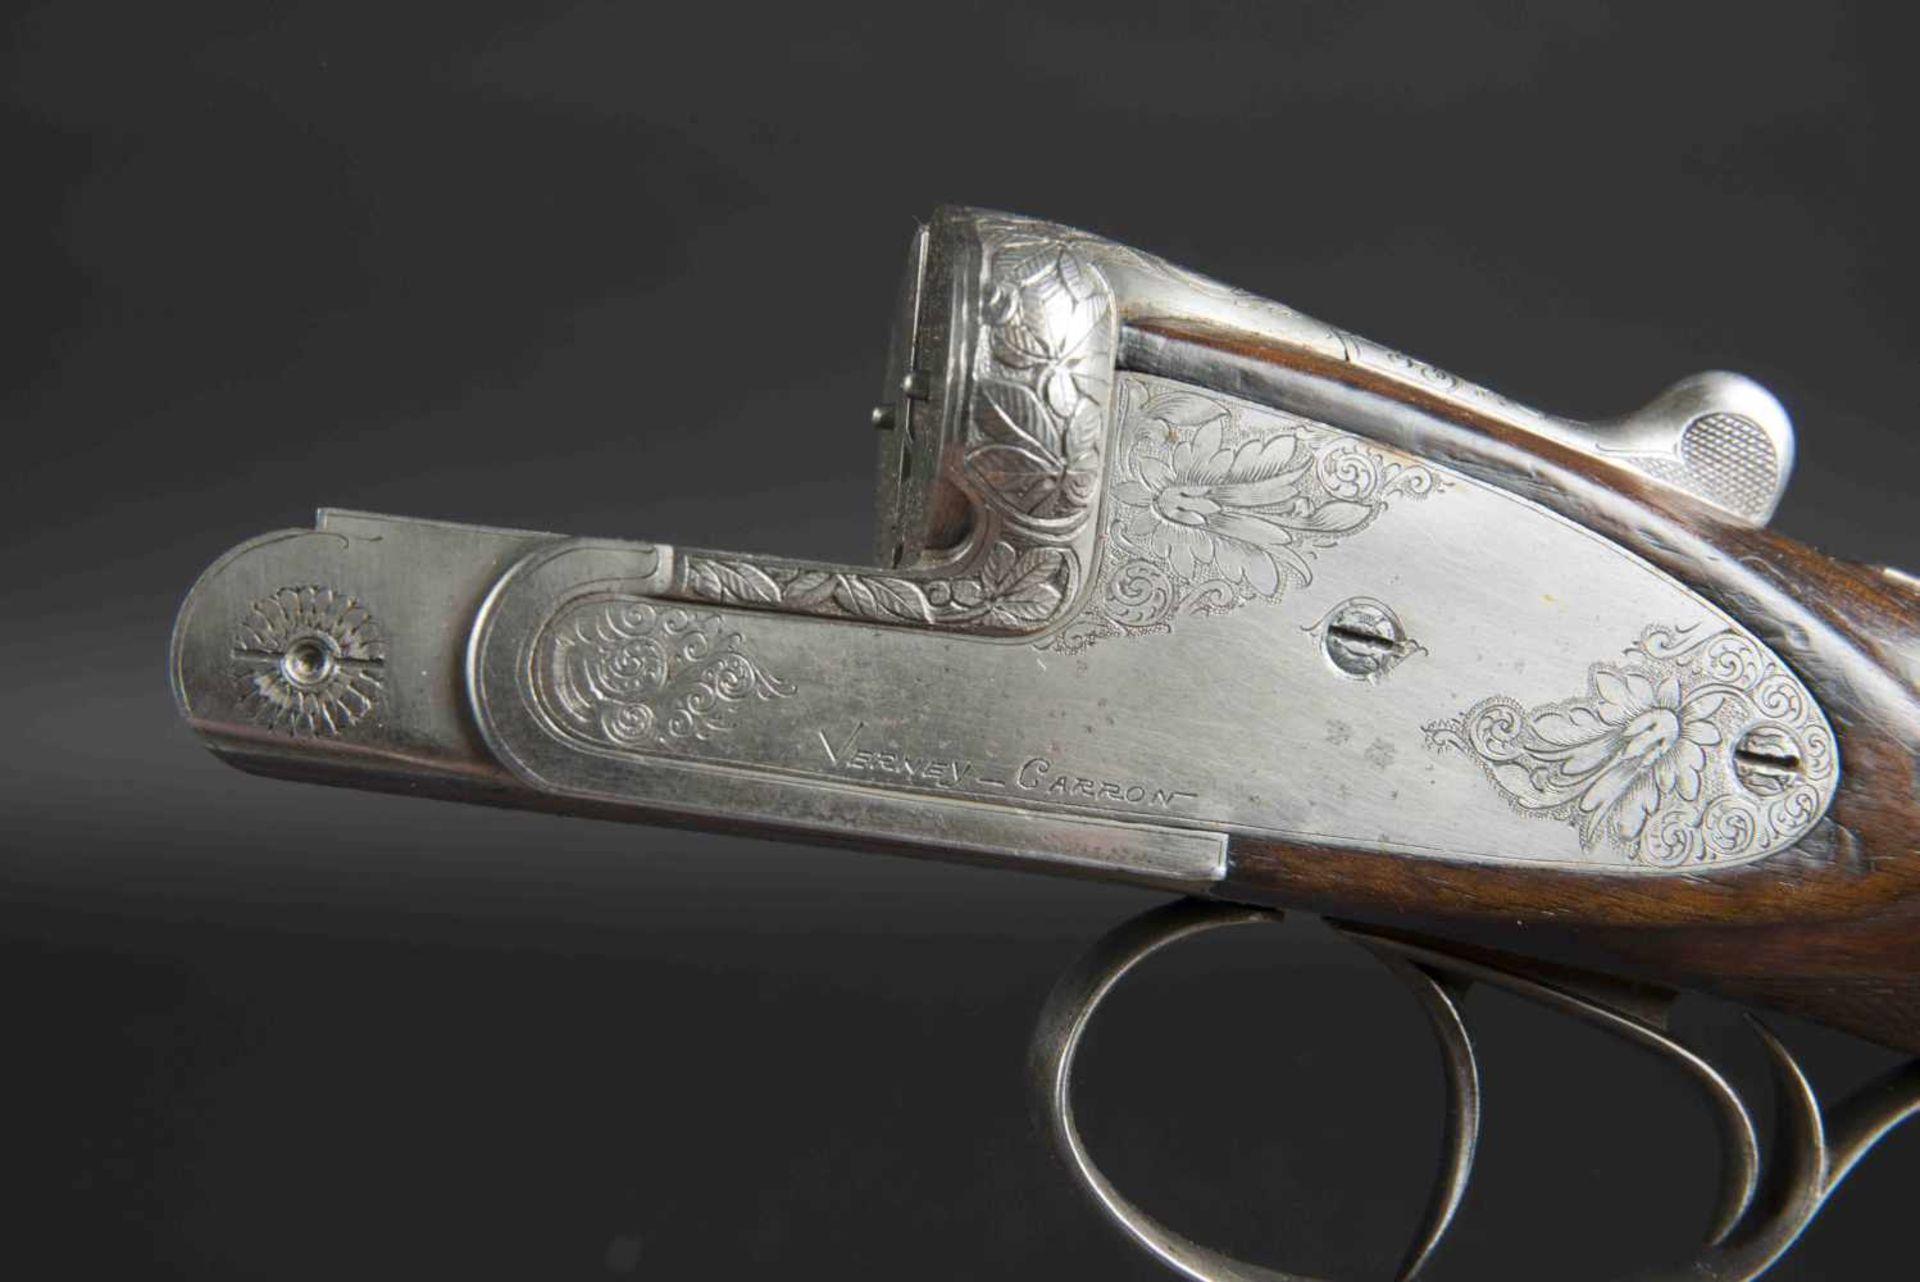 Fusil de chasse Verney Carron Catégorie C Parties métalliques ciselées. Verney Carron Helicobloc. - Bild 4 aus 4